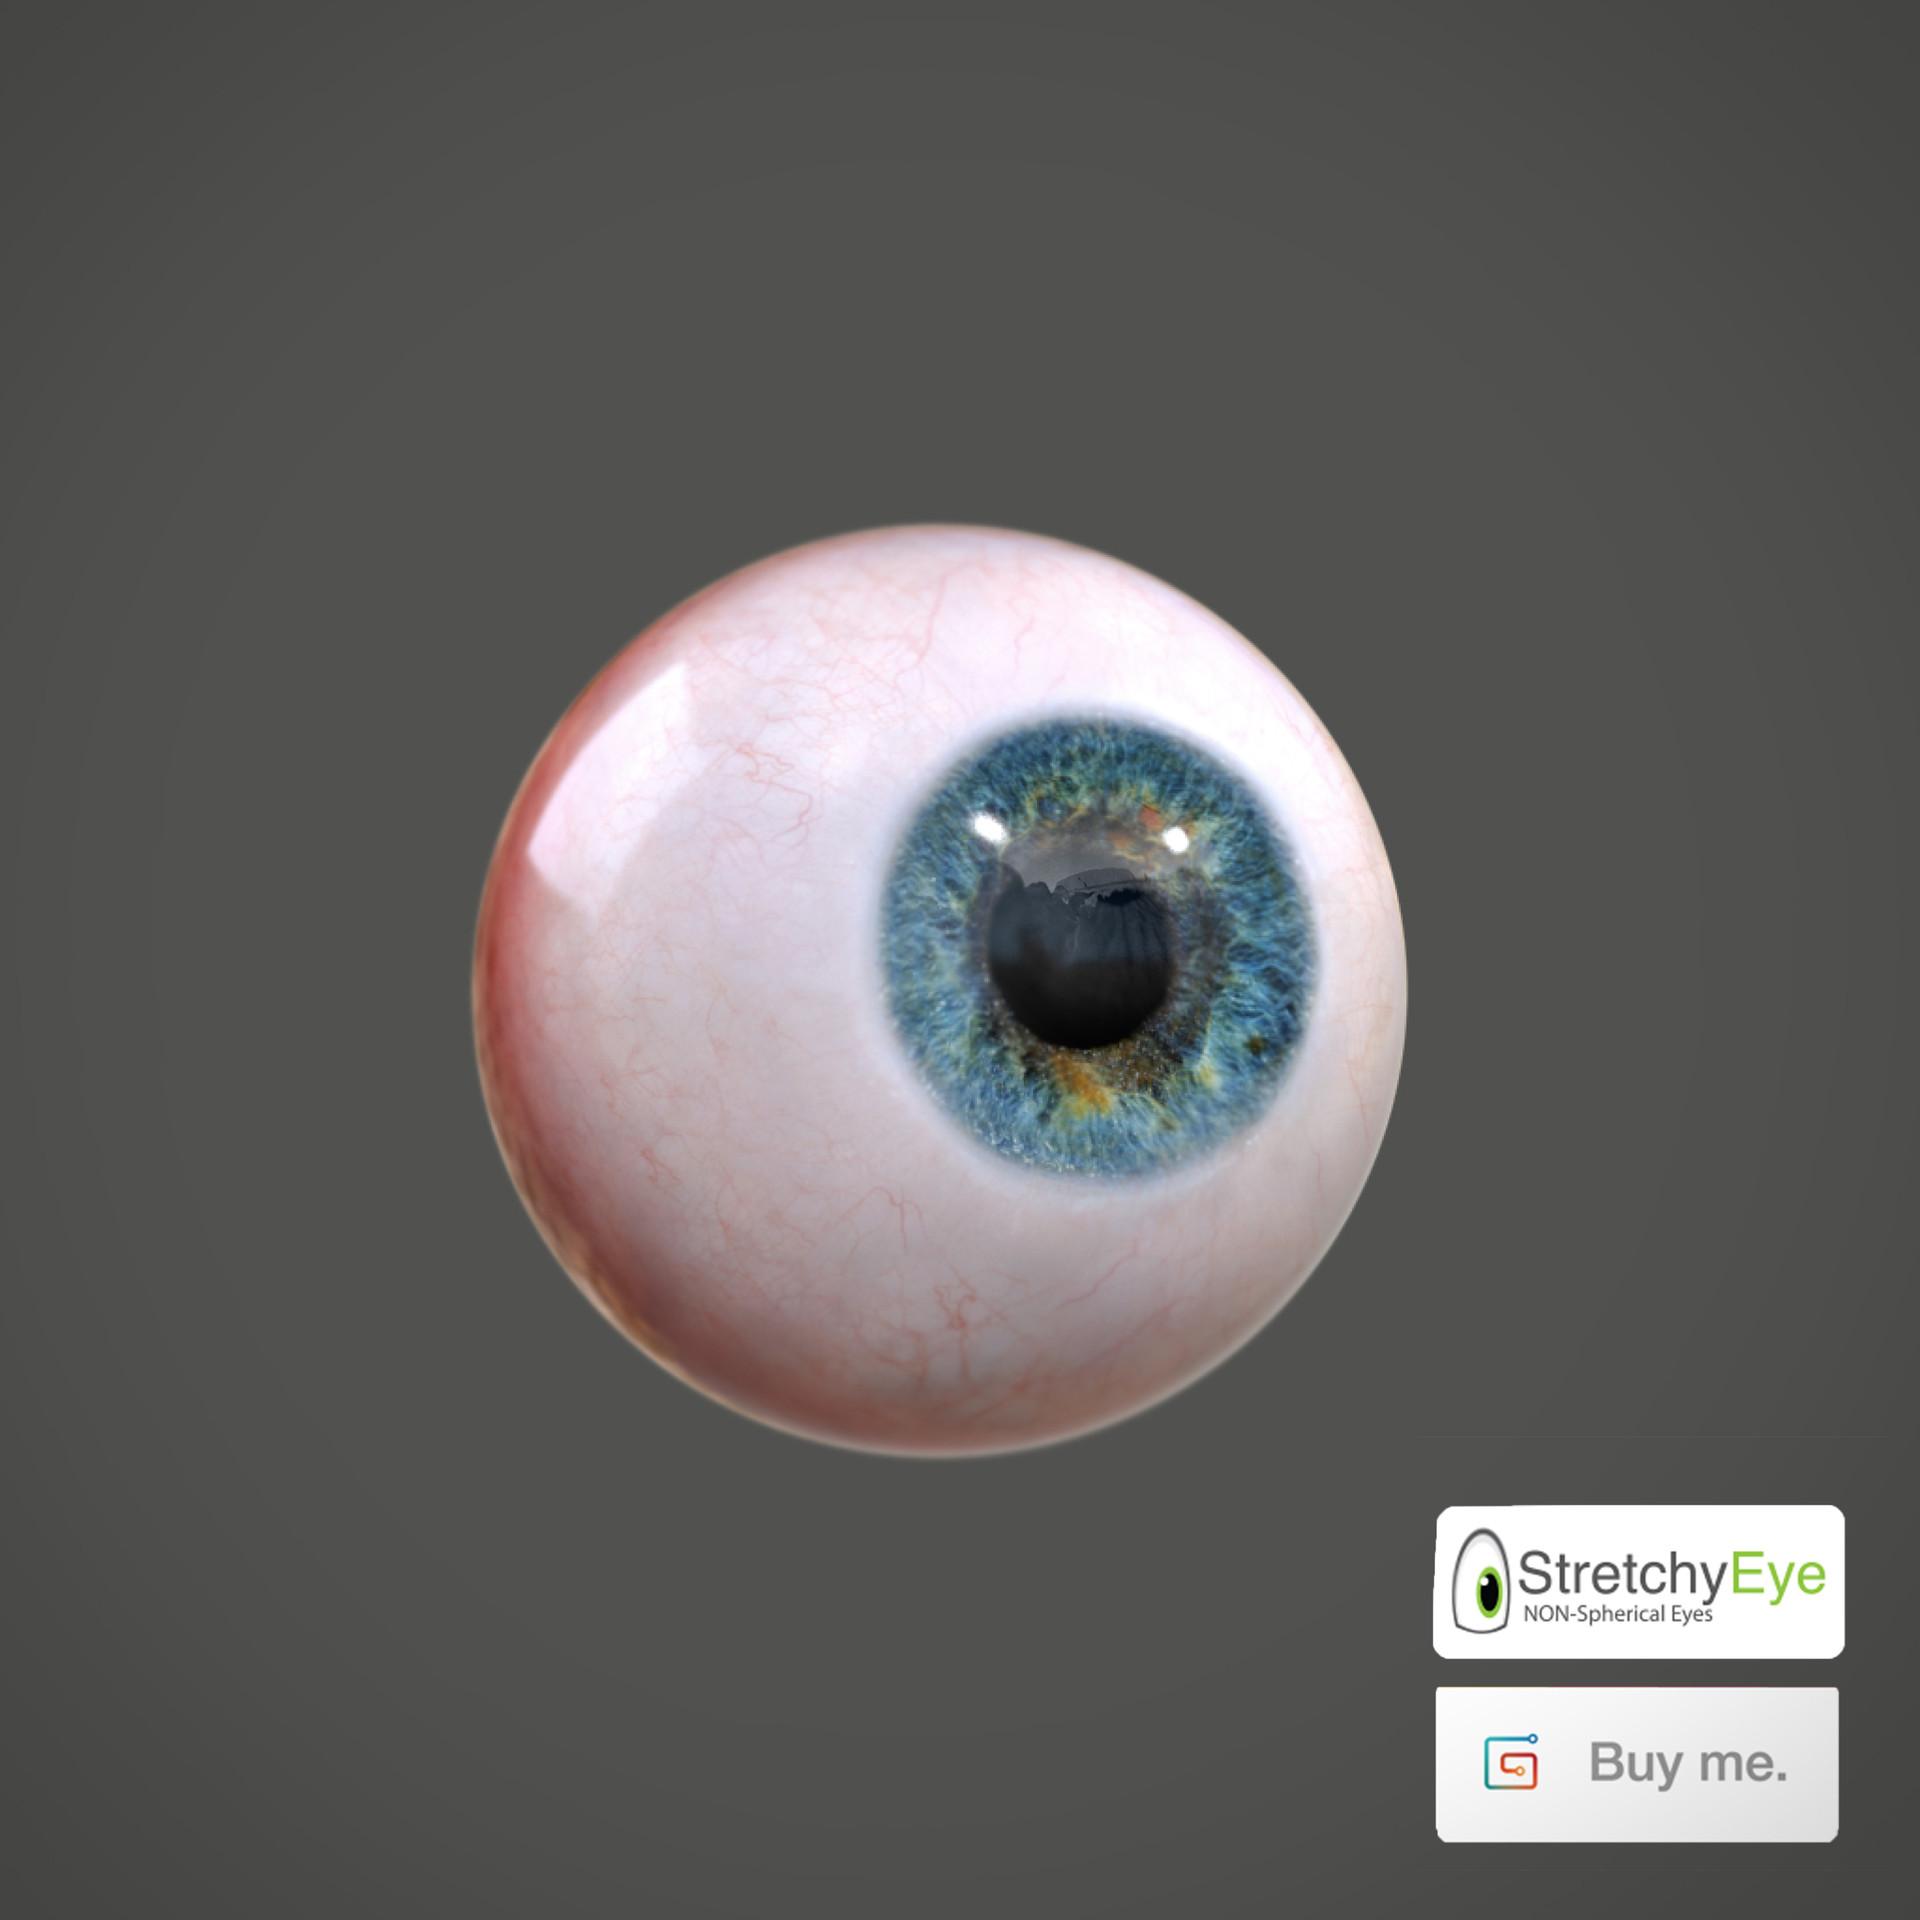 Stretchy eye 1.0